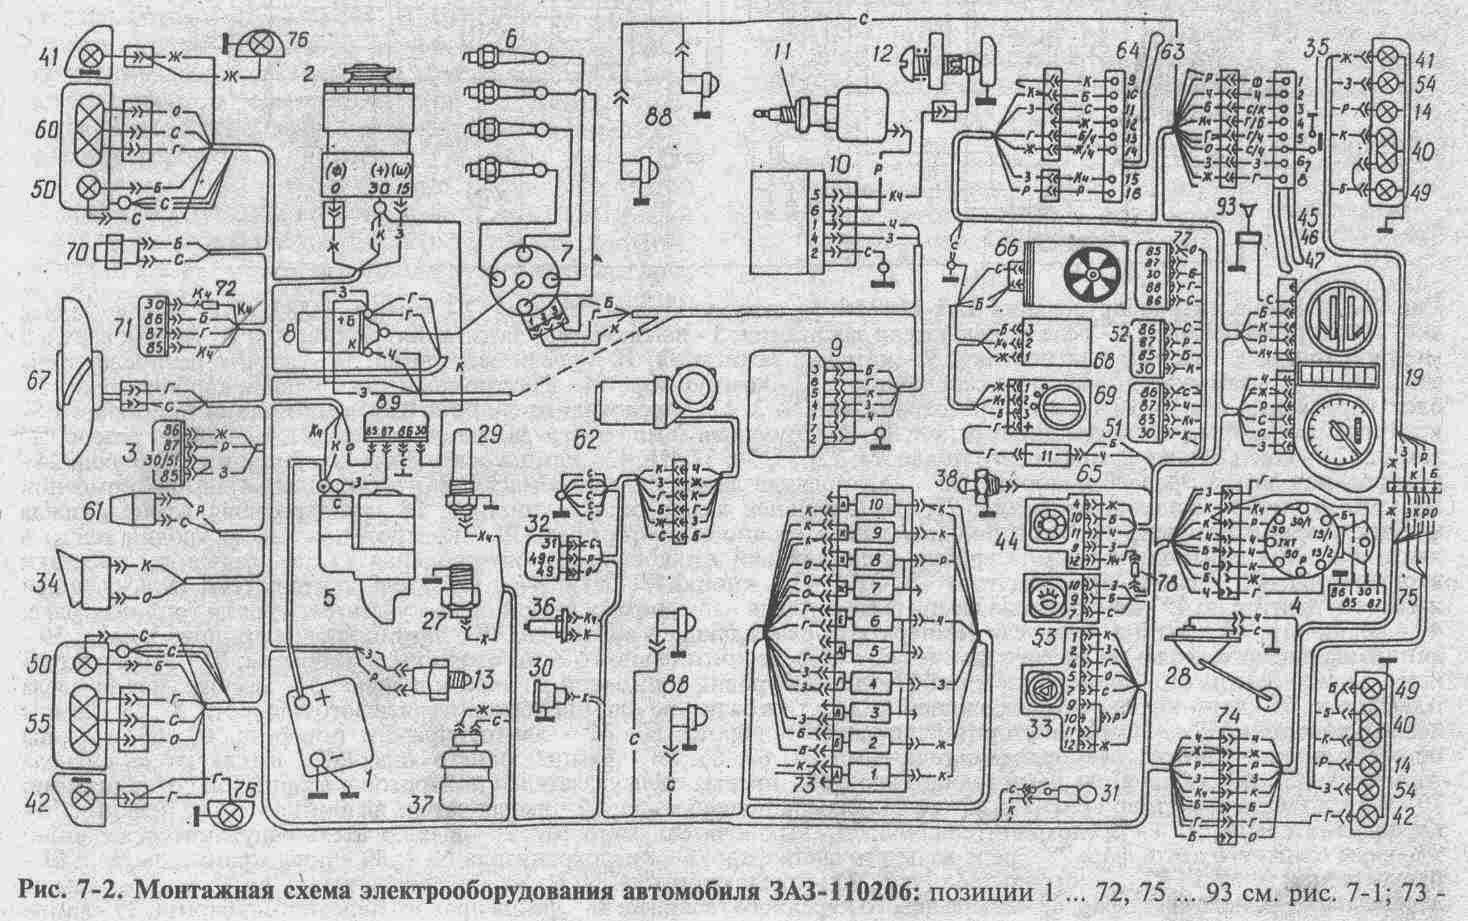 Принципиальная электрическая схема автомобиля таврия